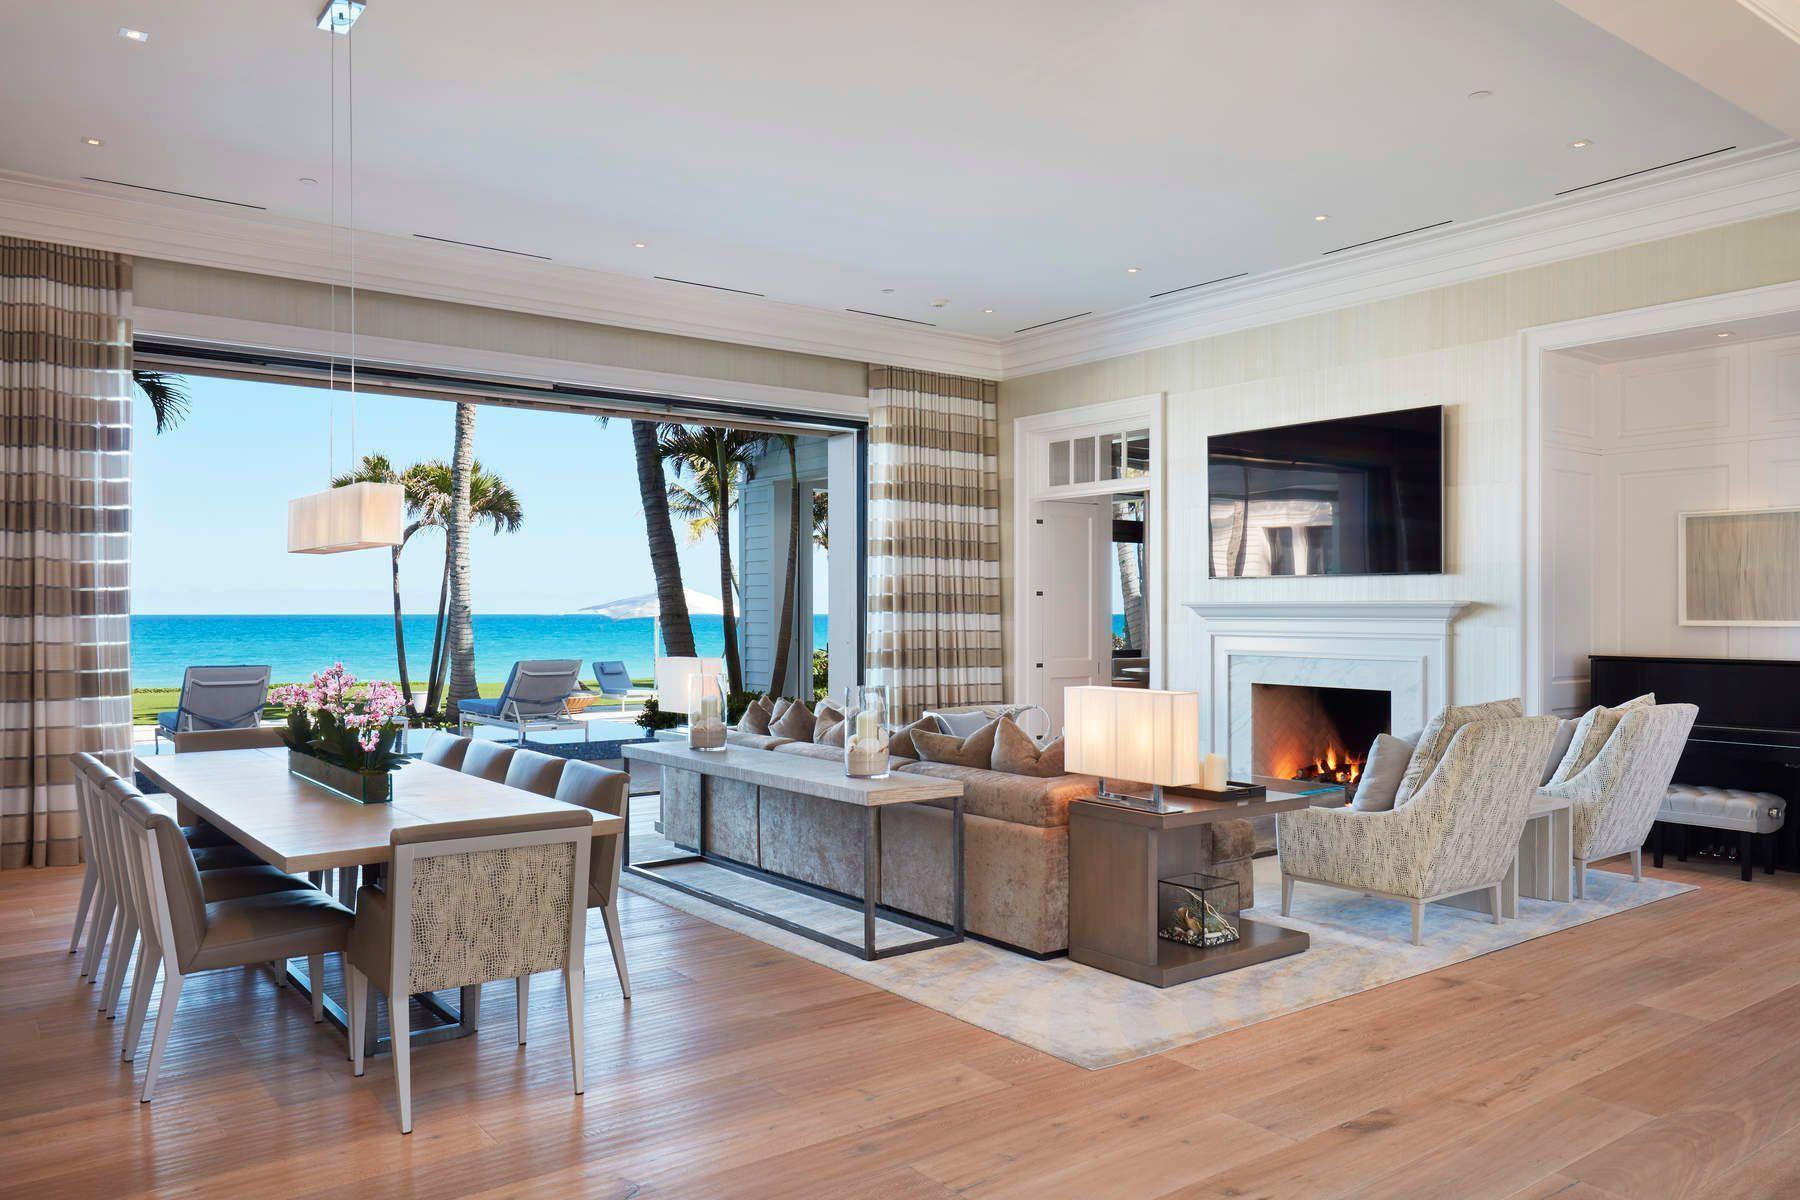 12520 Seminole Beach Road, North Palm Beach, Florida 33408, 11 Bedrooms Bedrooms, ,15.3 BathroomsBathrooms,Single family detached,For sale,Seminole Beach,RX-10579071